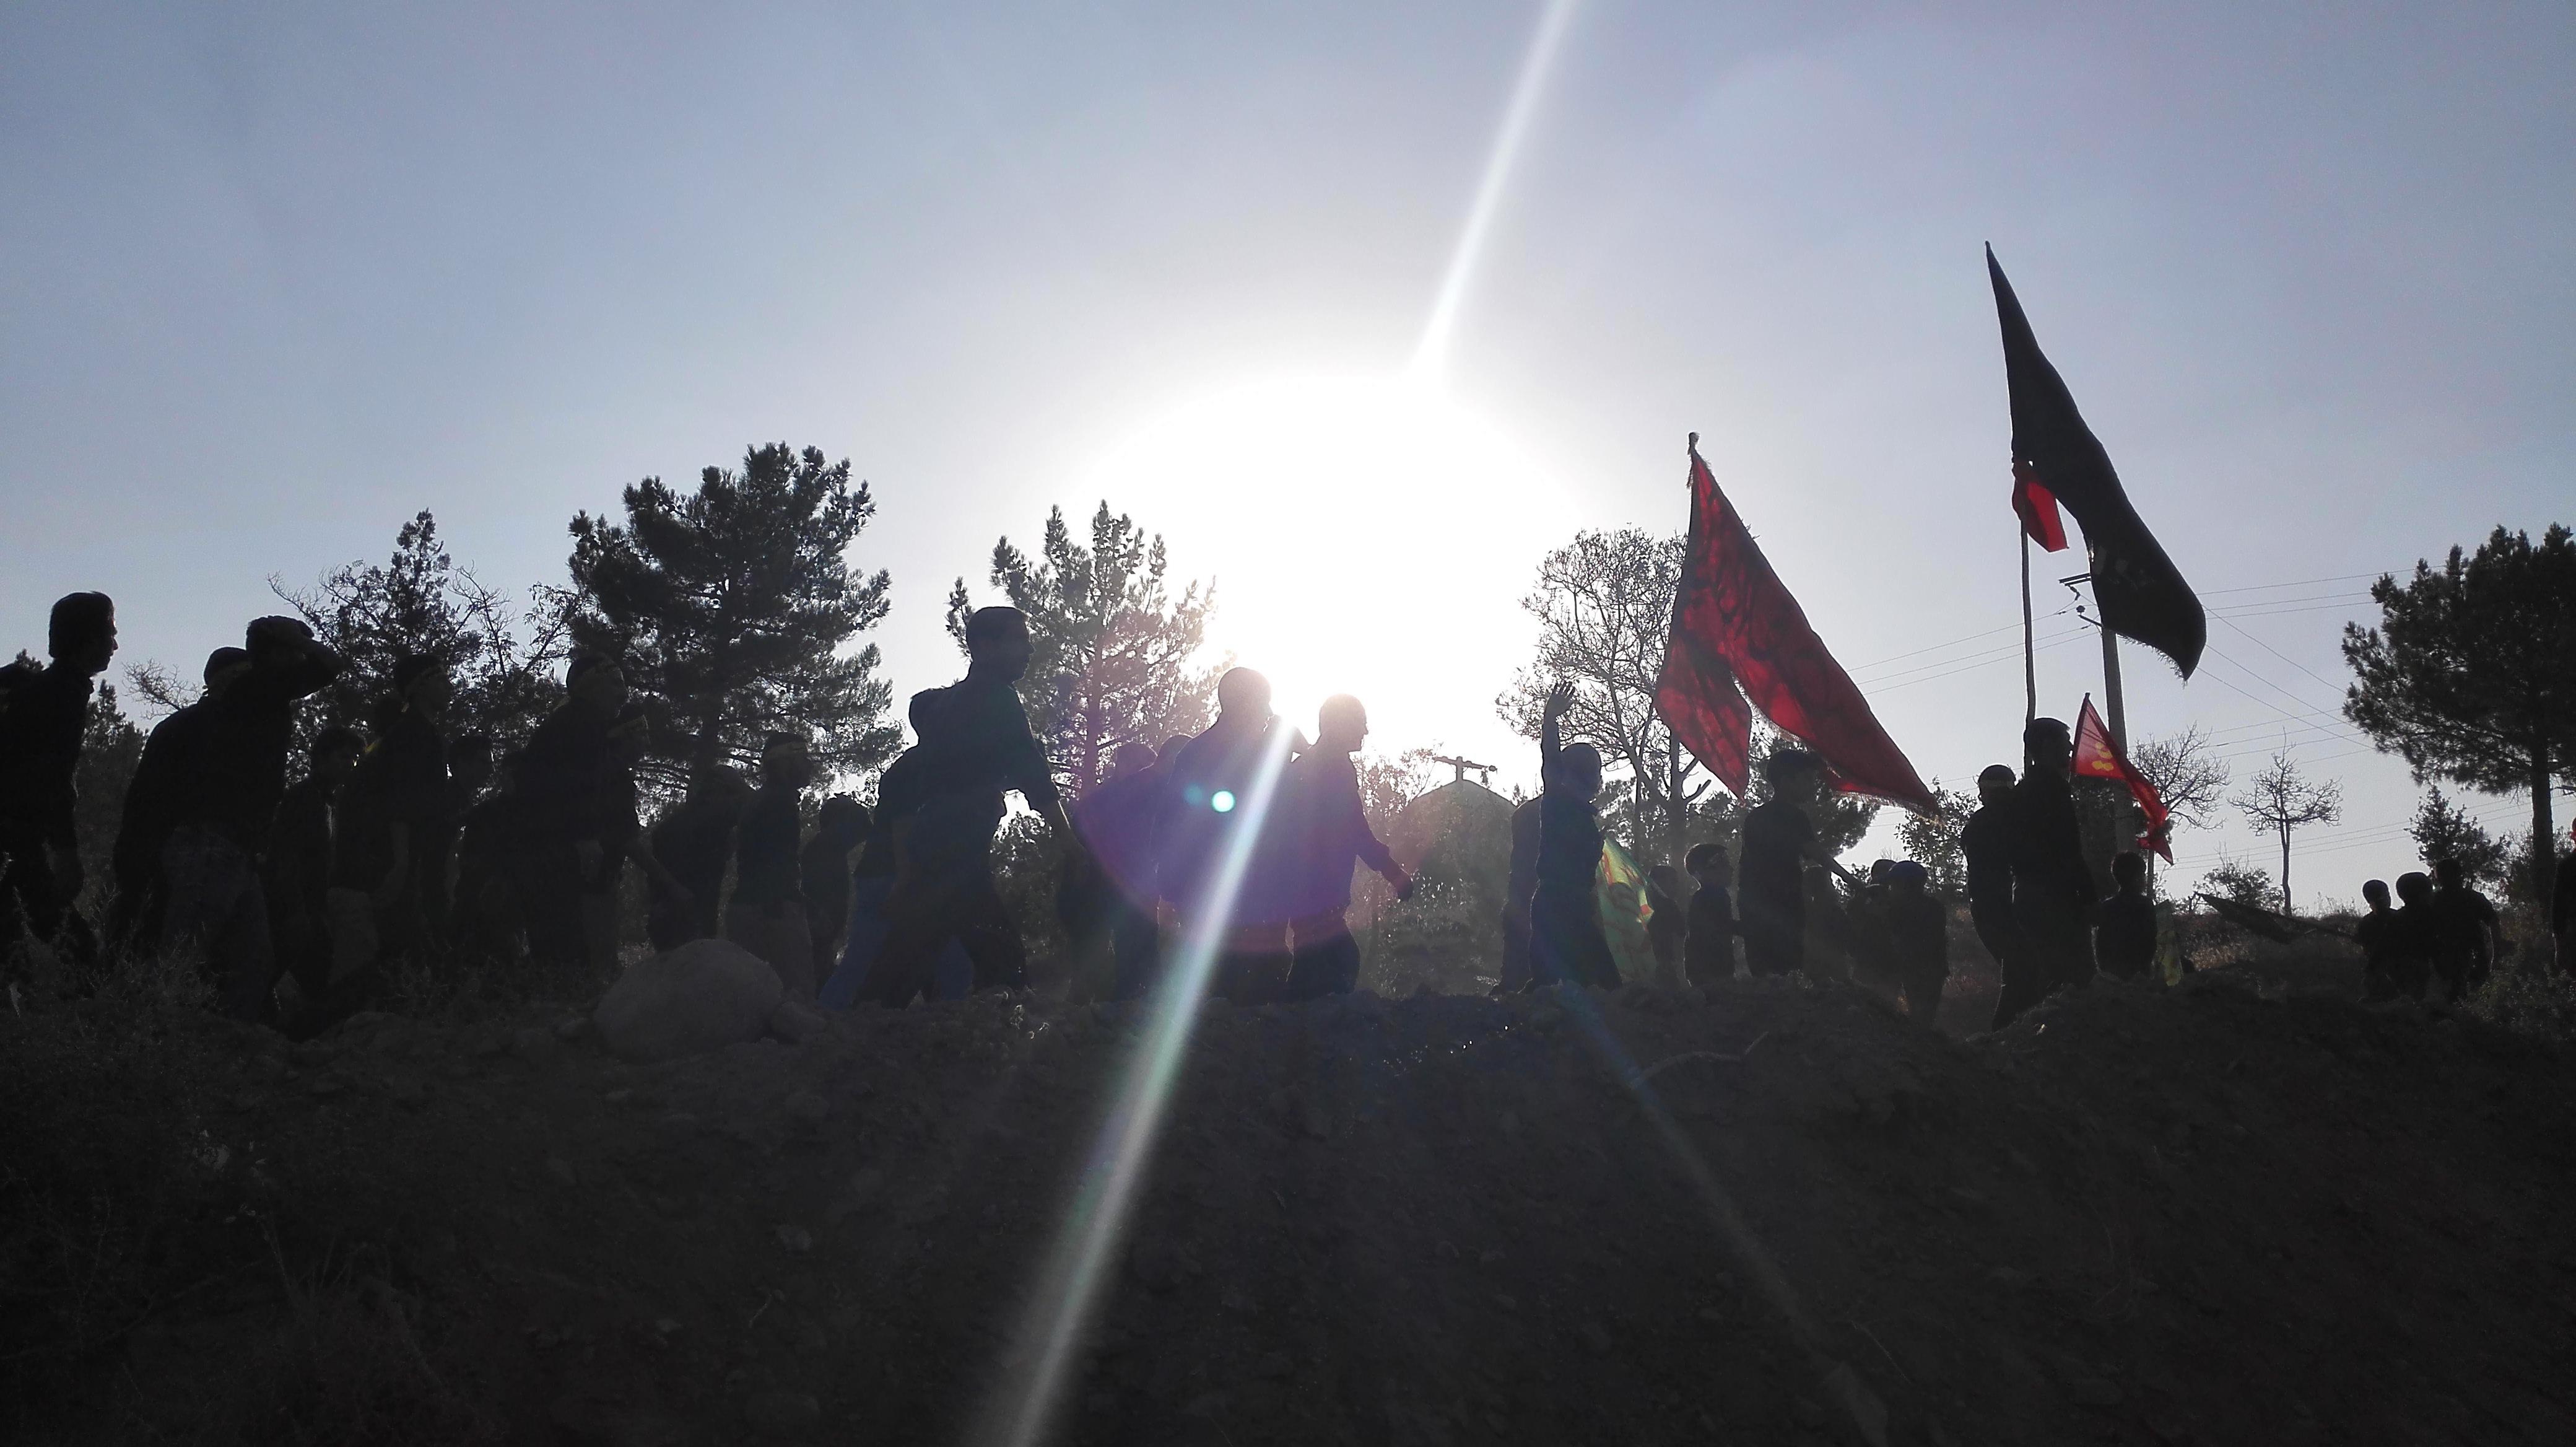 عزاداری تاسوعای حسینی در رابر/تصاویر